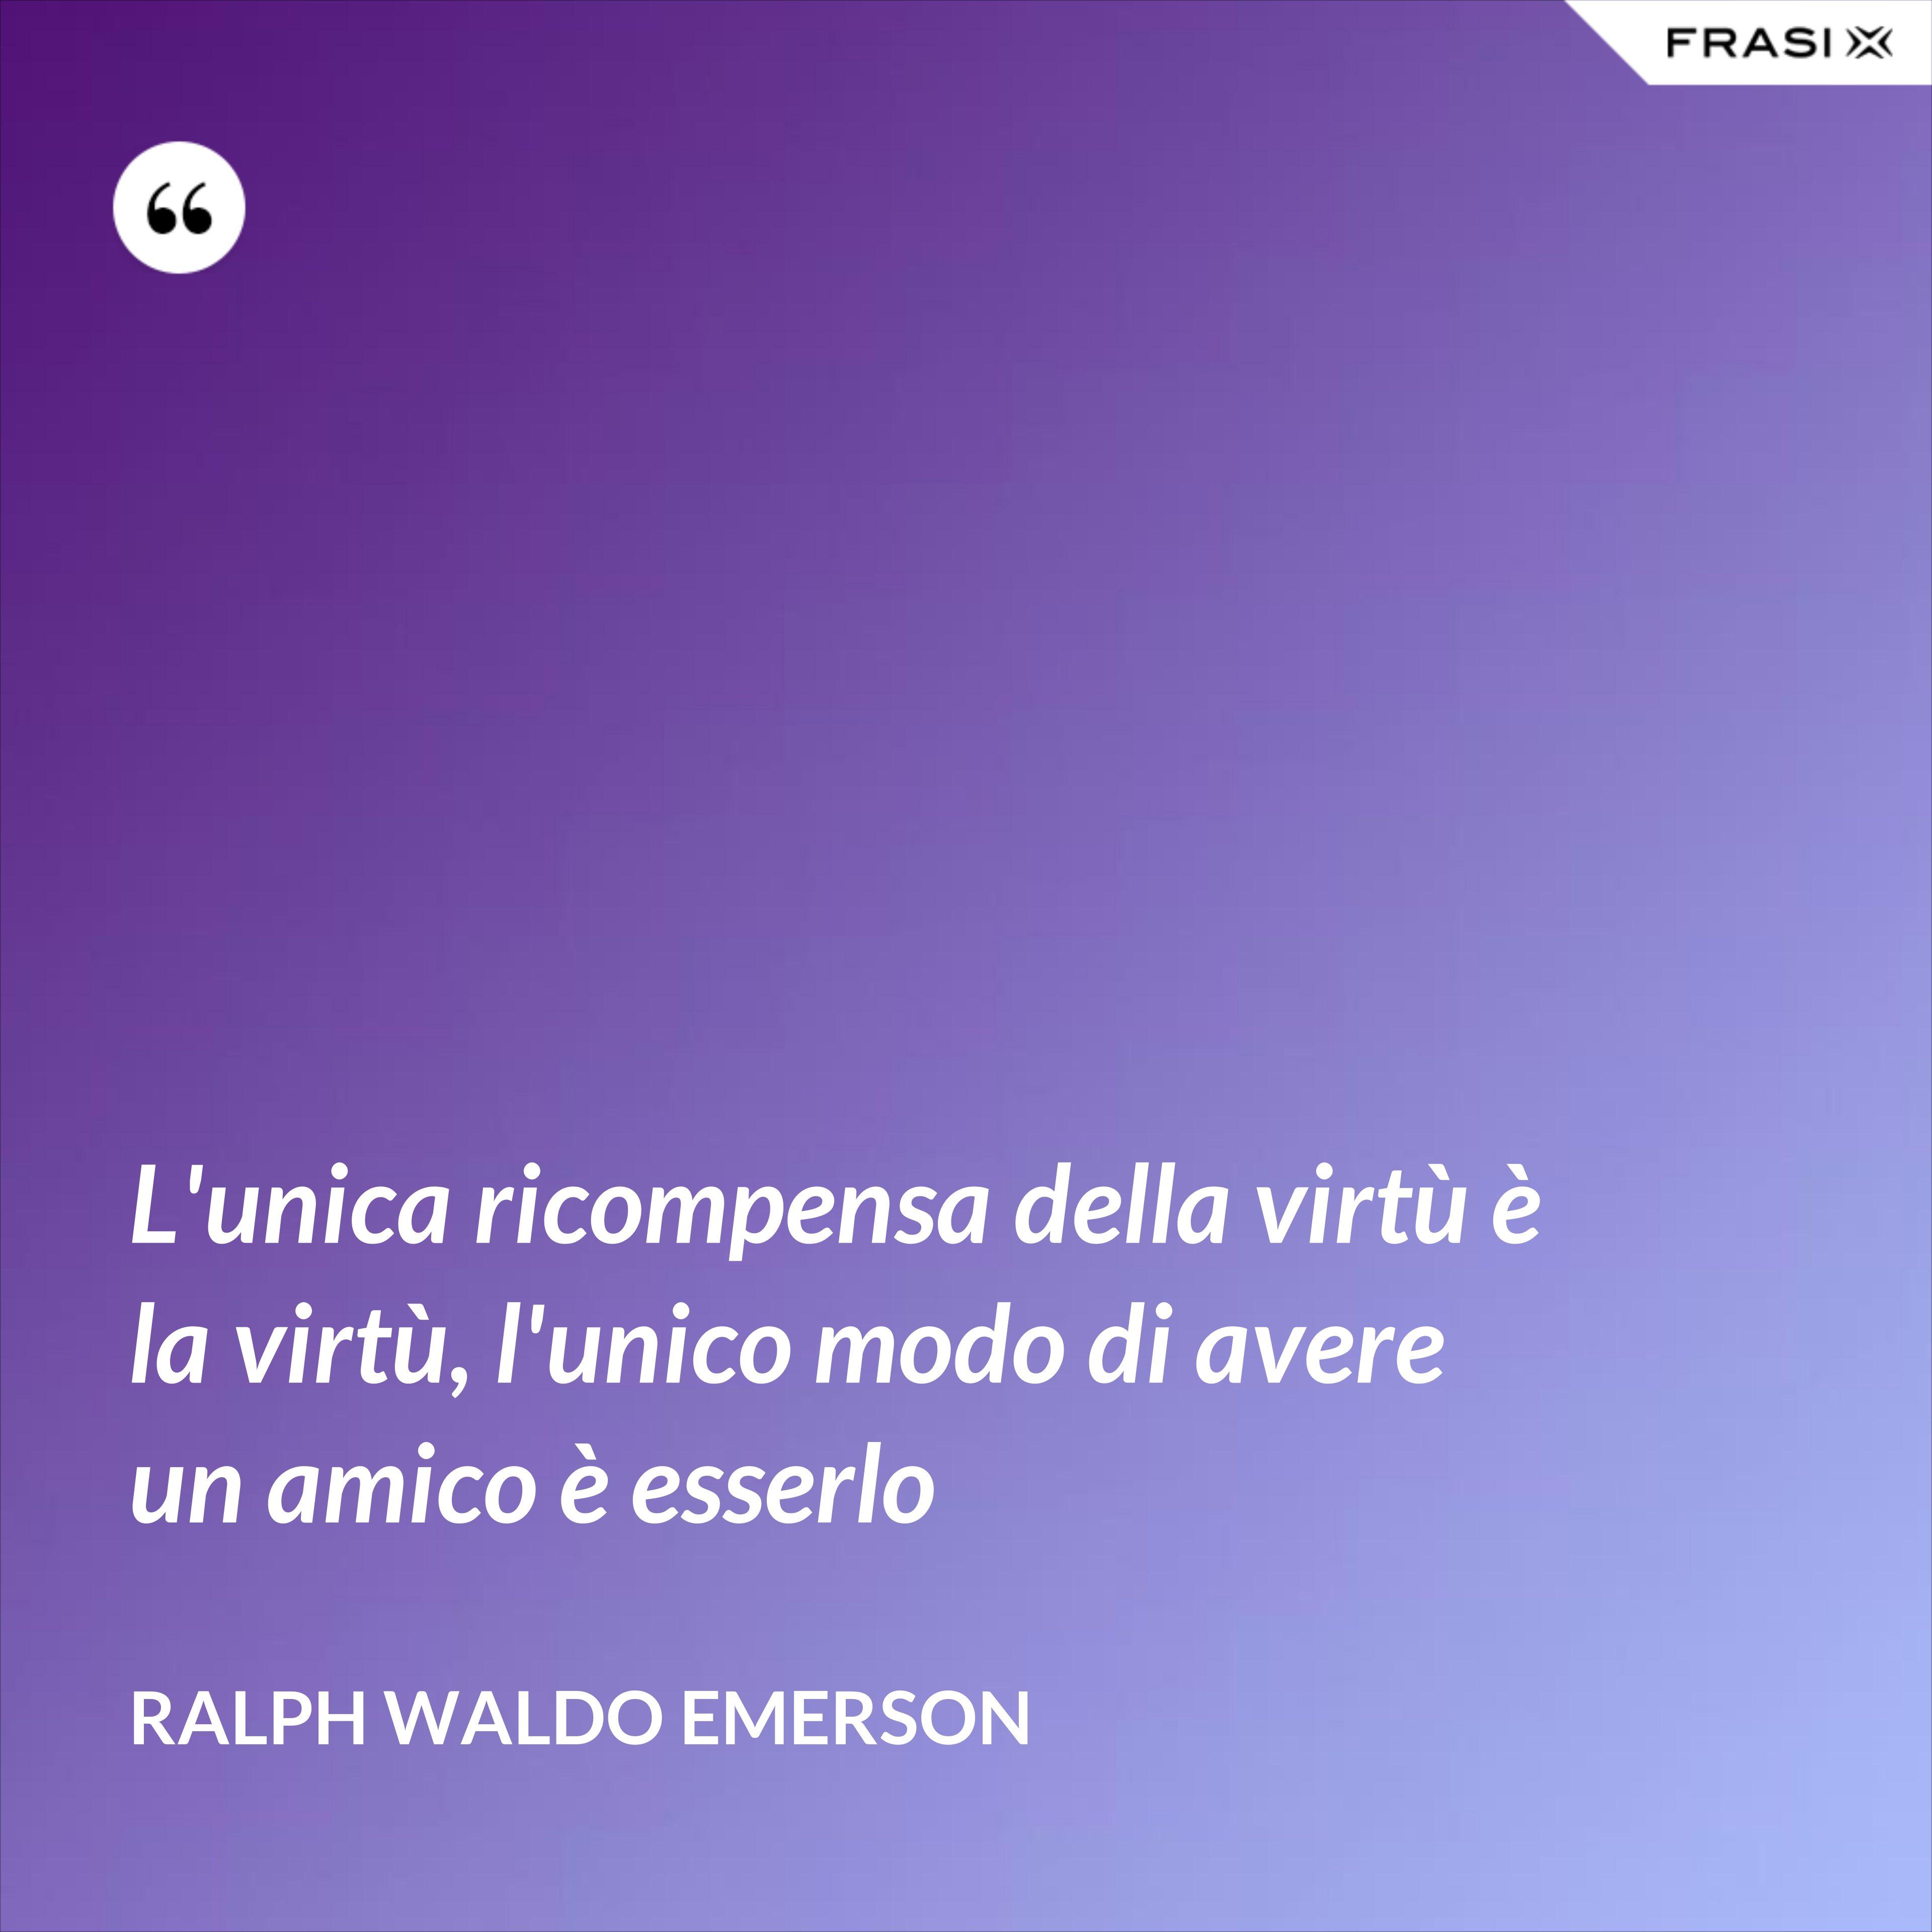 L'unica ricompensa della virtù è la virtù, l'unico modo di avere un amico è esserlo - Ralph Waldo Emerson